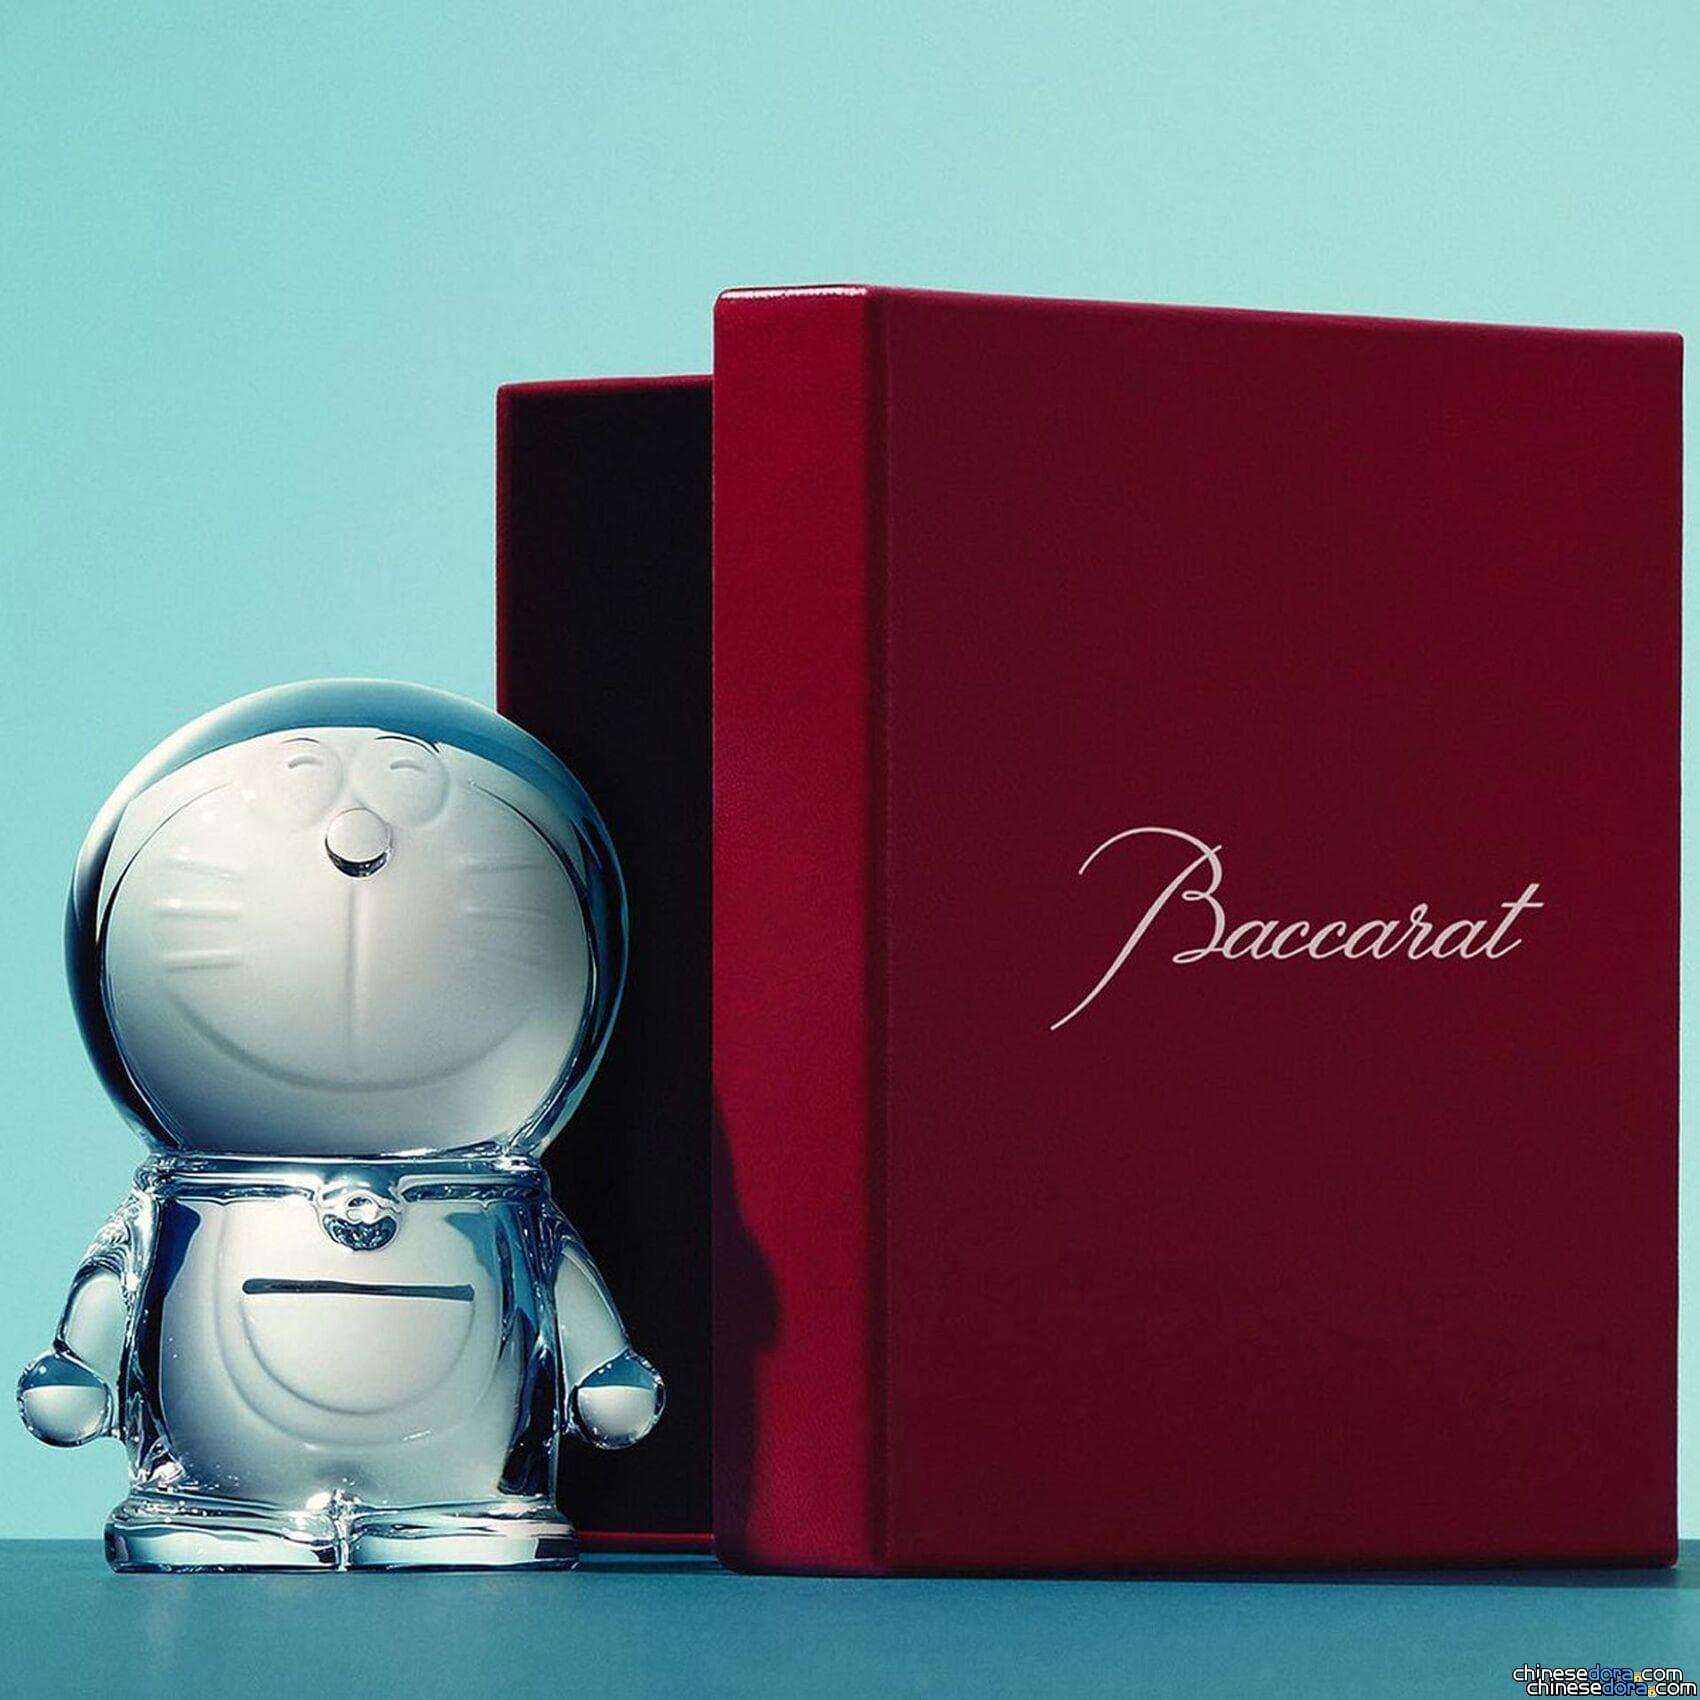 [日本] 超越時空的合體! 知名法國水晶品牌Baccarat推出哆啦A夢水晶